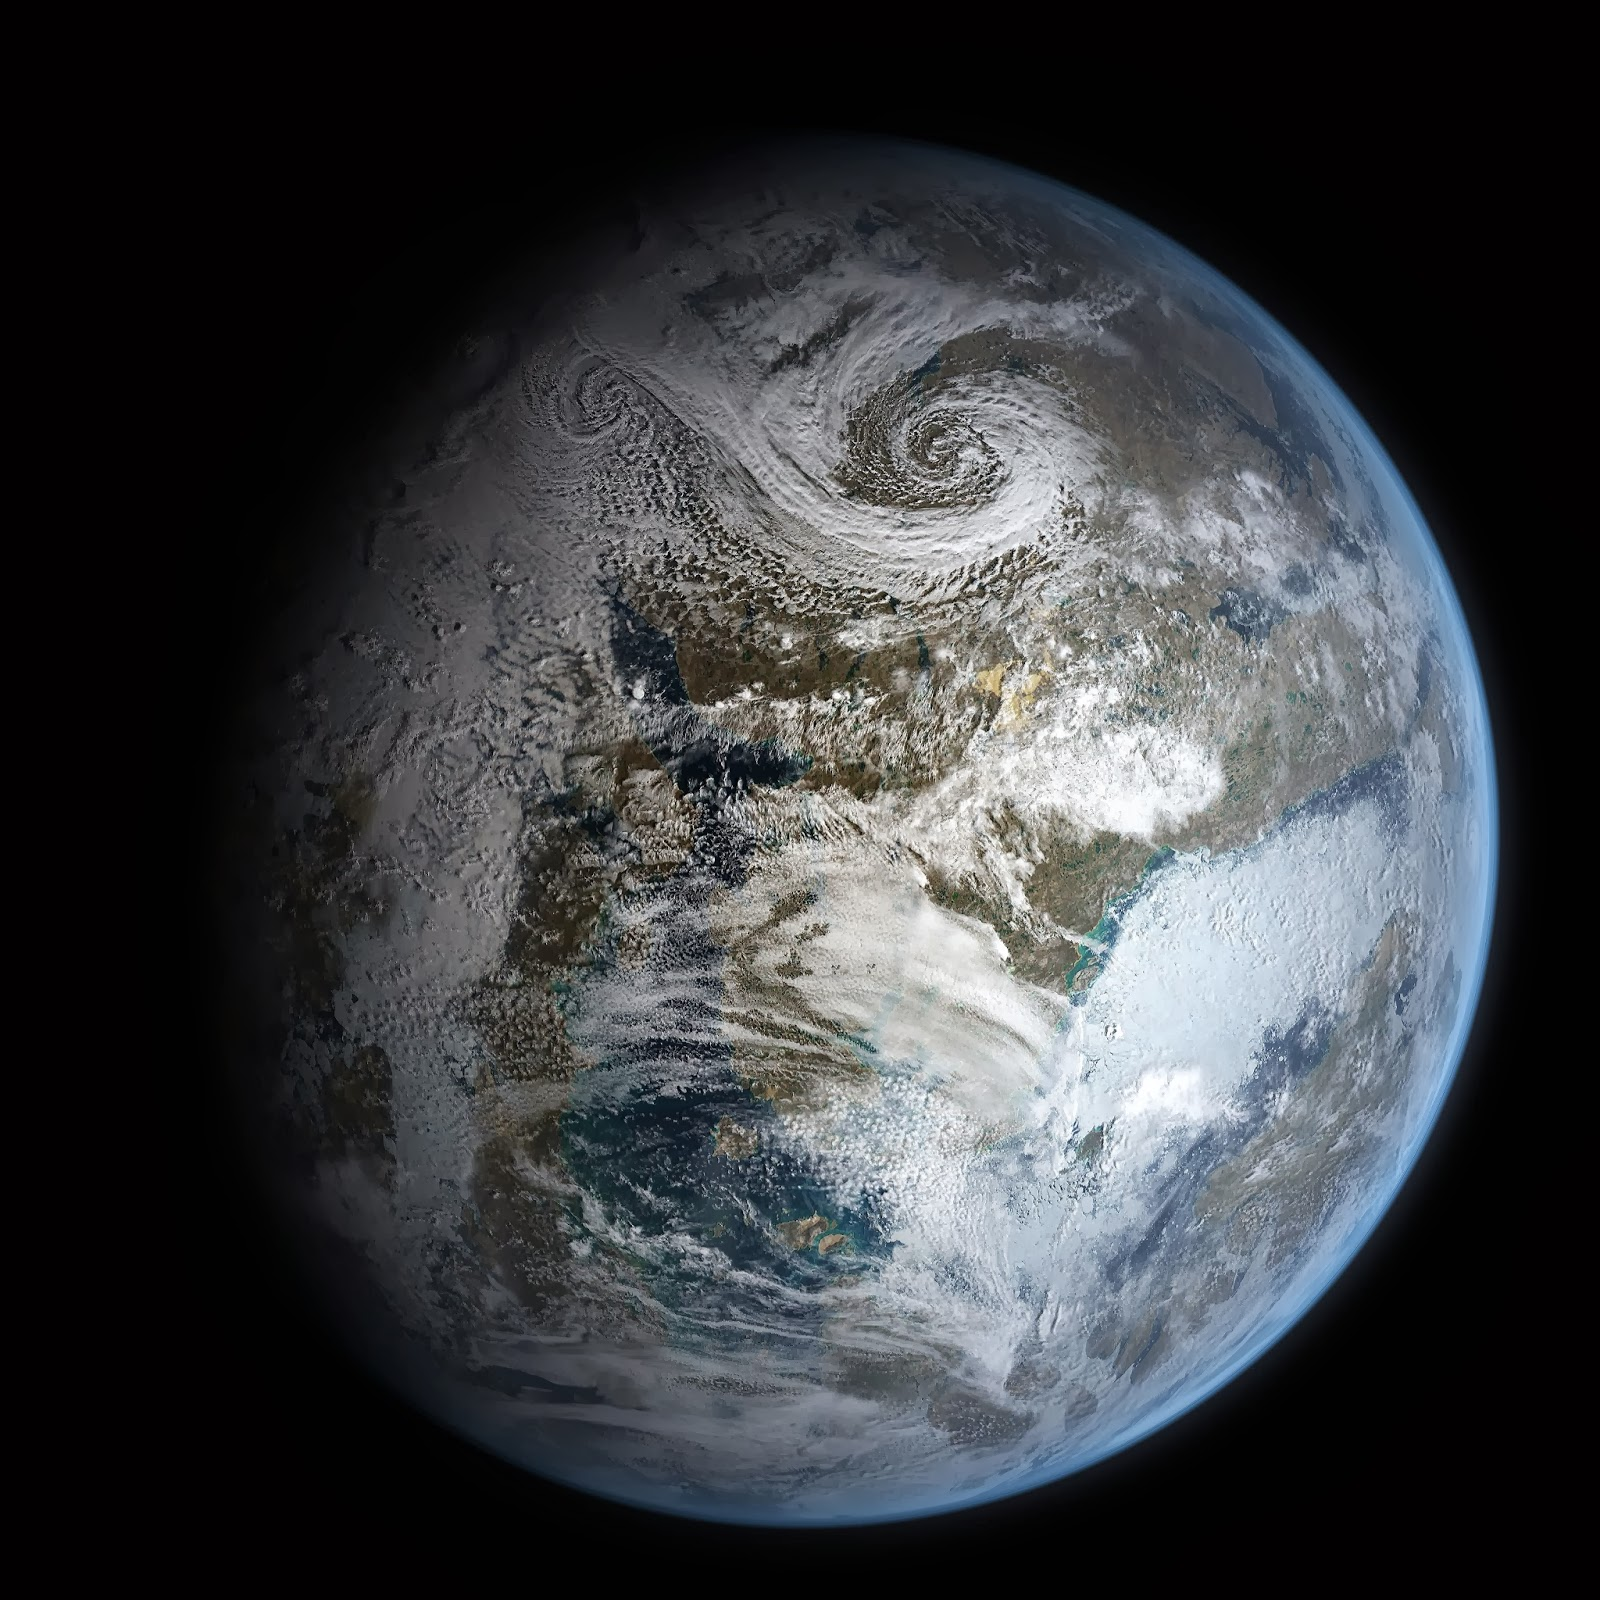 Beyond Earthly Skies Ozone Layers On Alien Earths